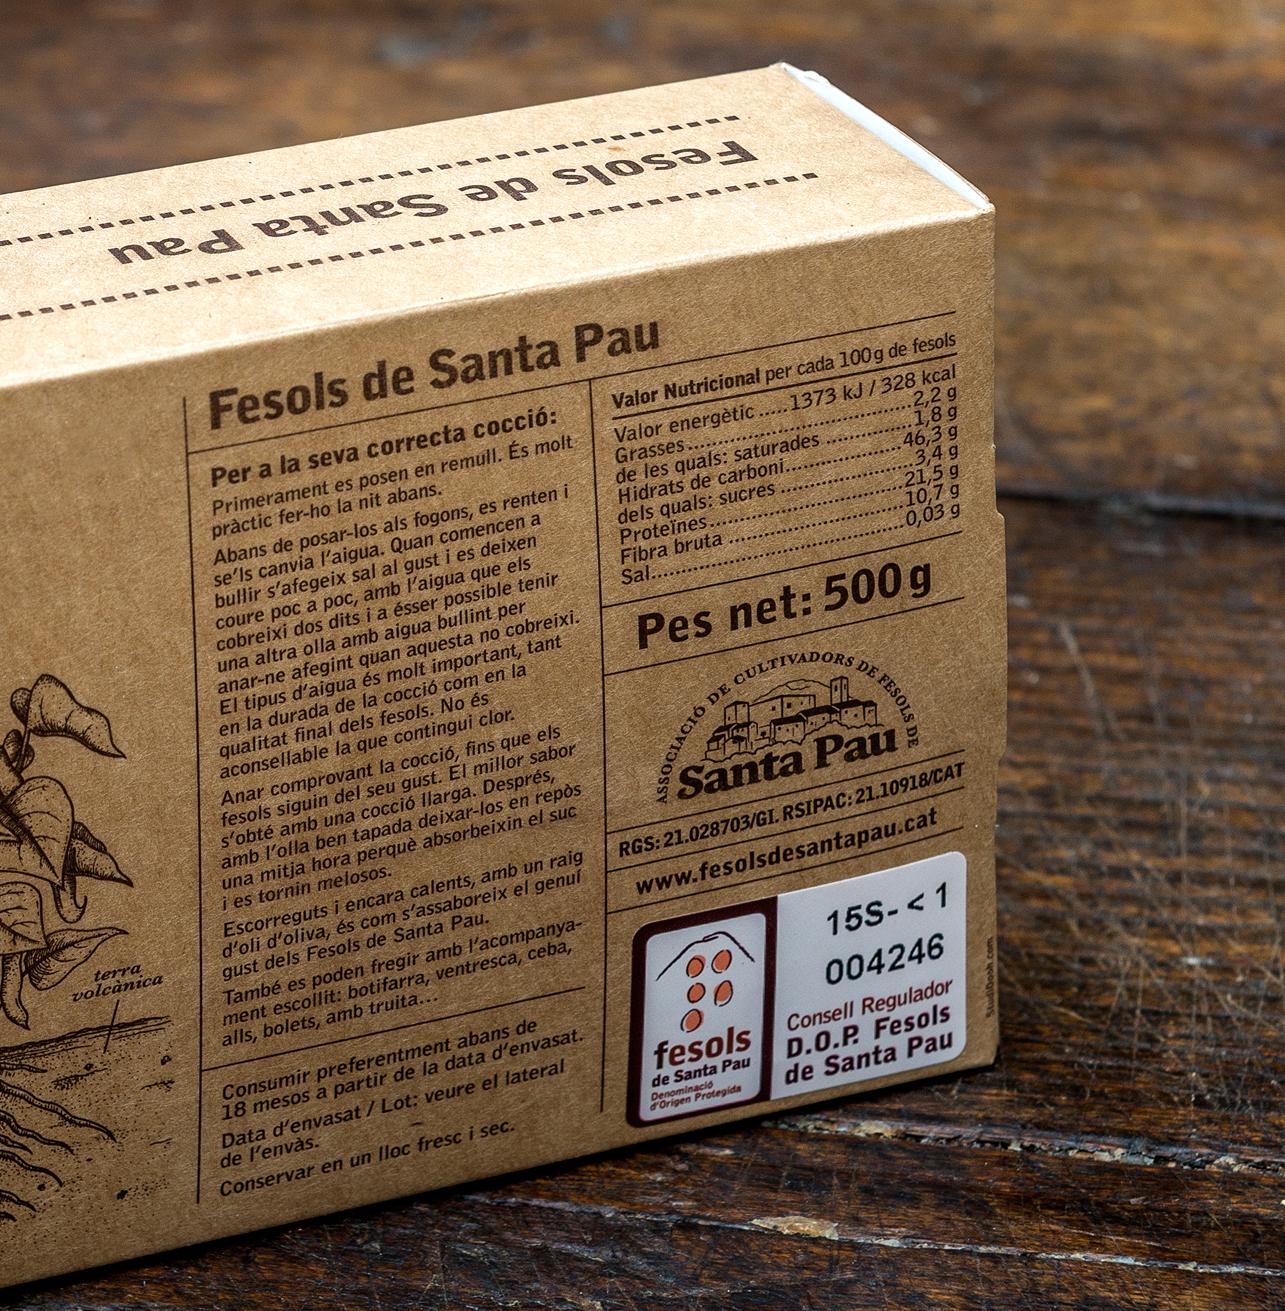 Envàs de Fesols de Santa Pau amb l'etiqueta del Consell Regulador